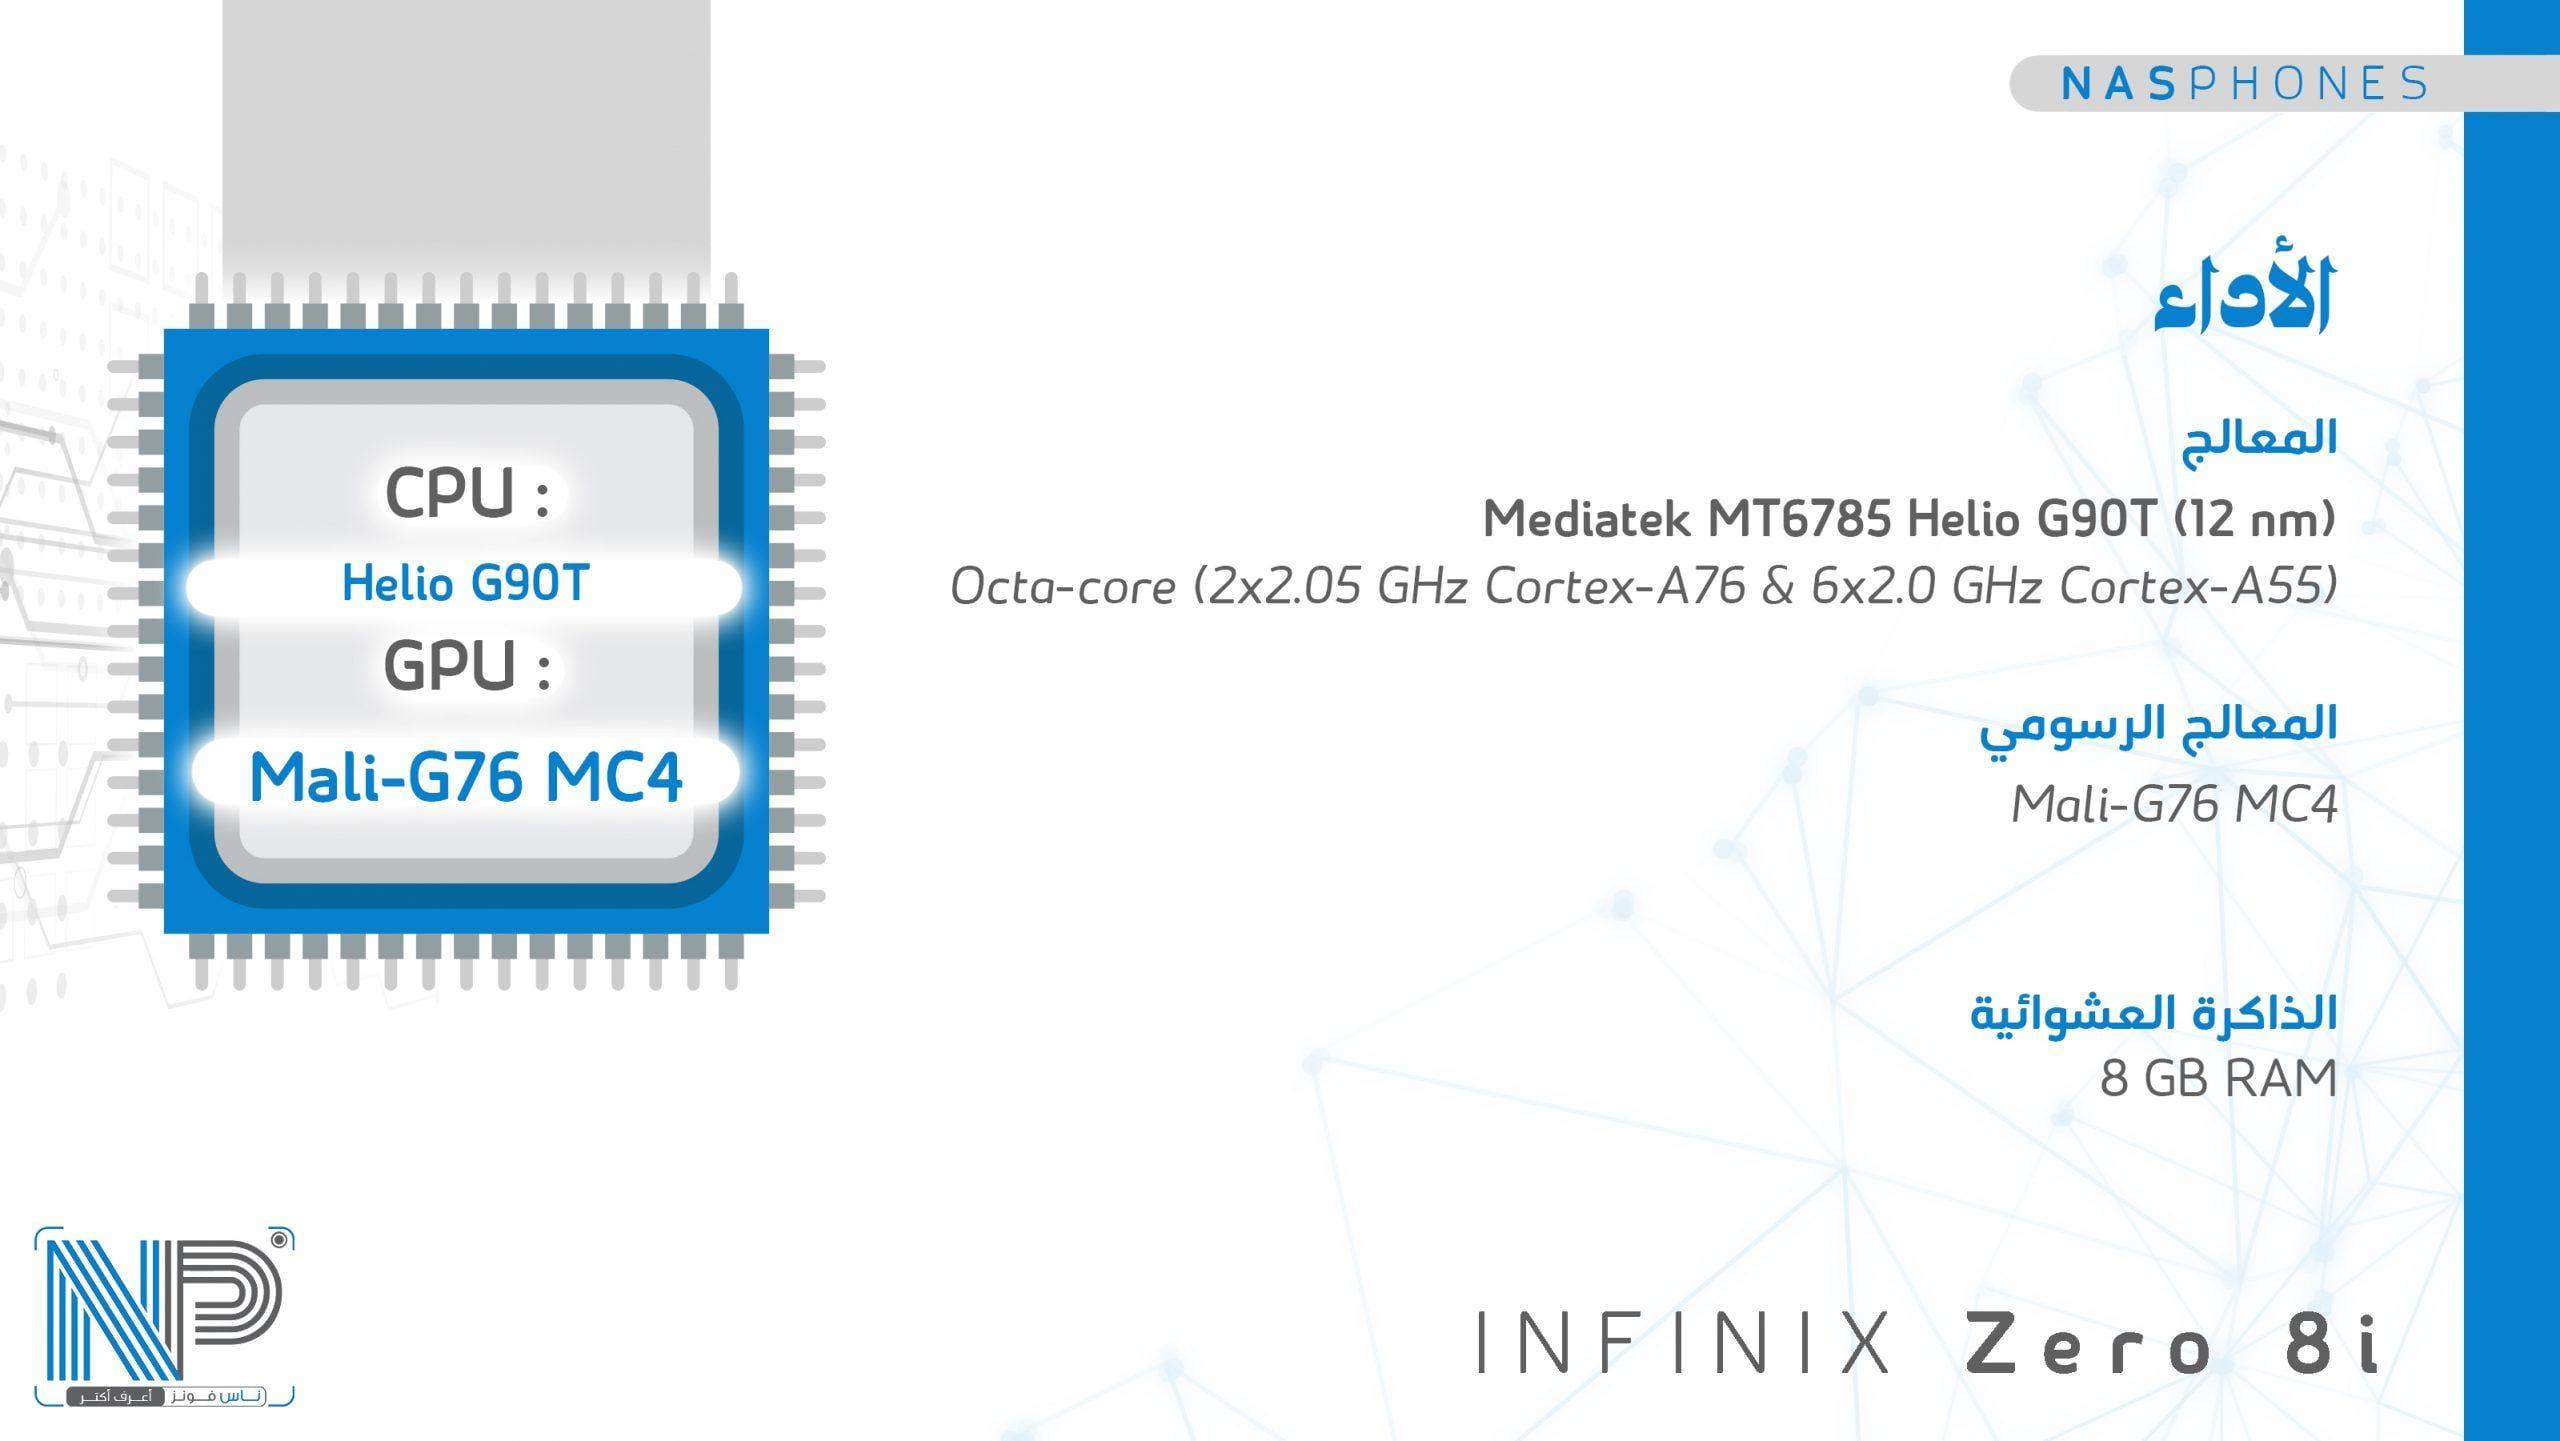 أداء موبايل infinix Zero 8i